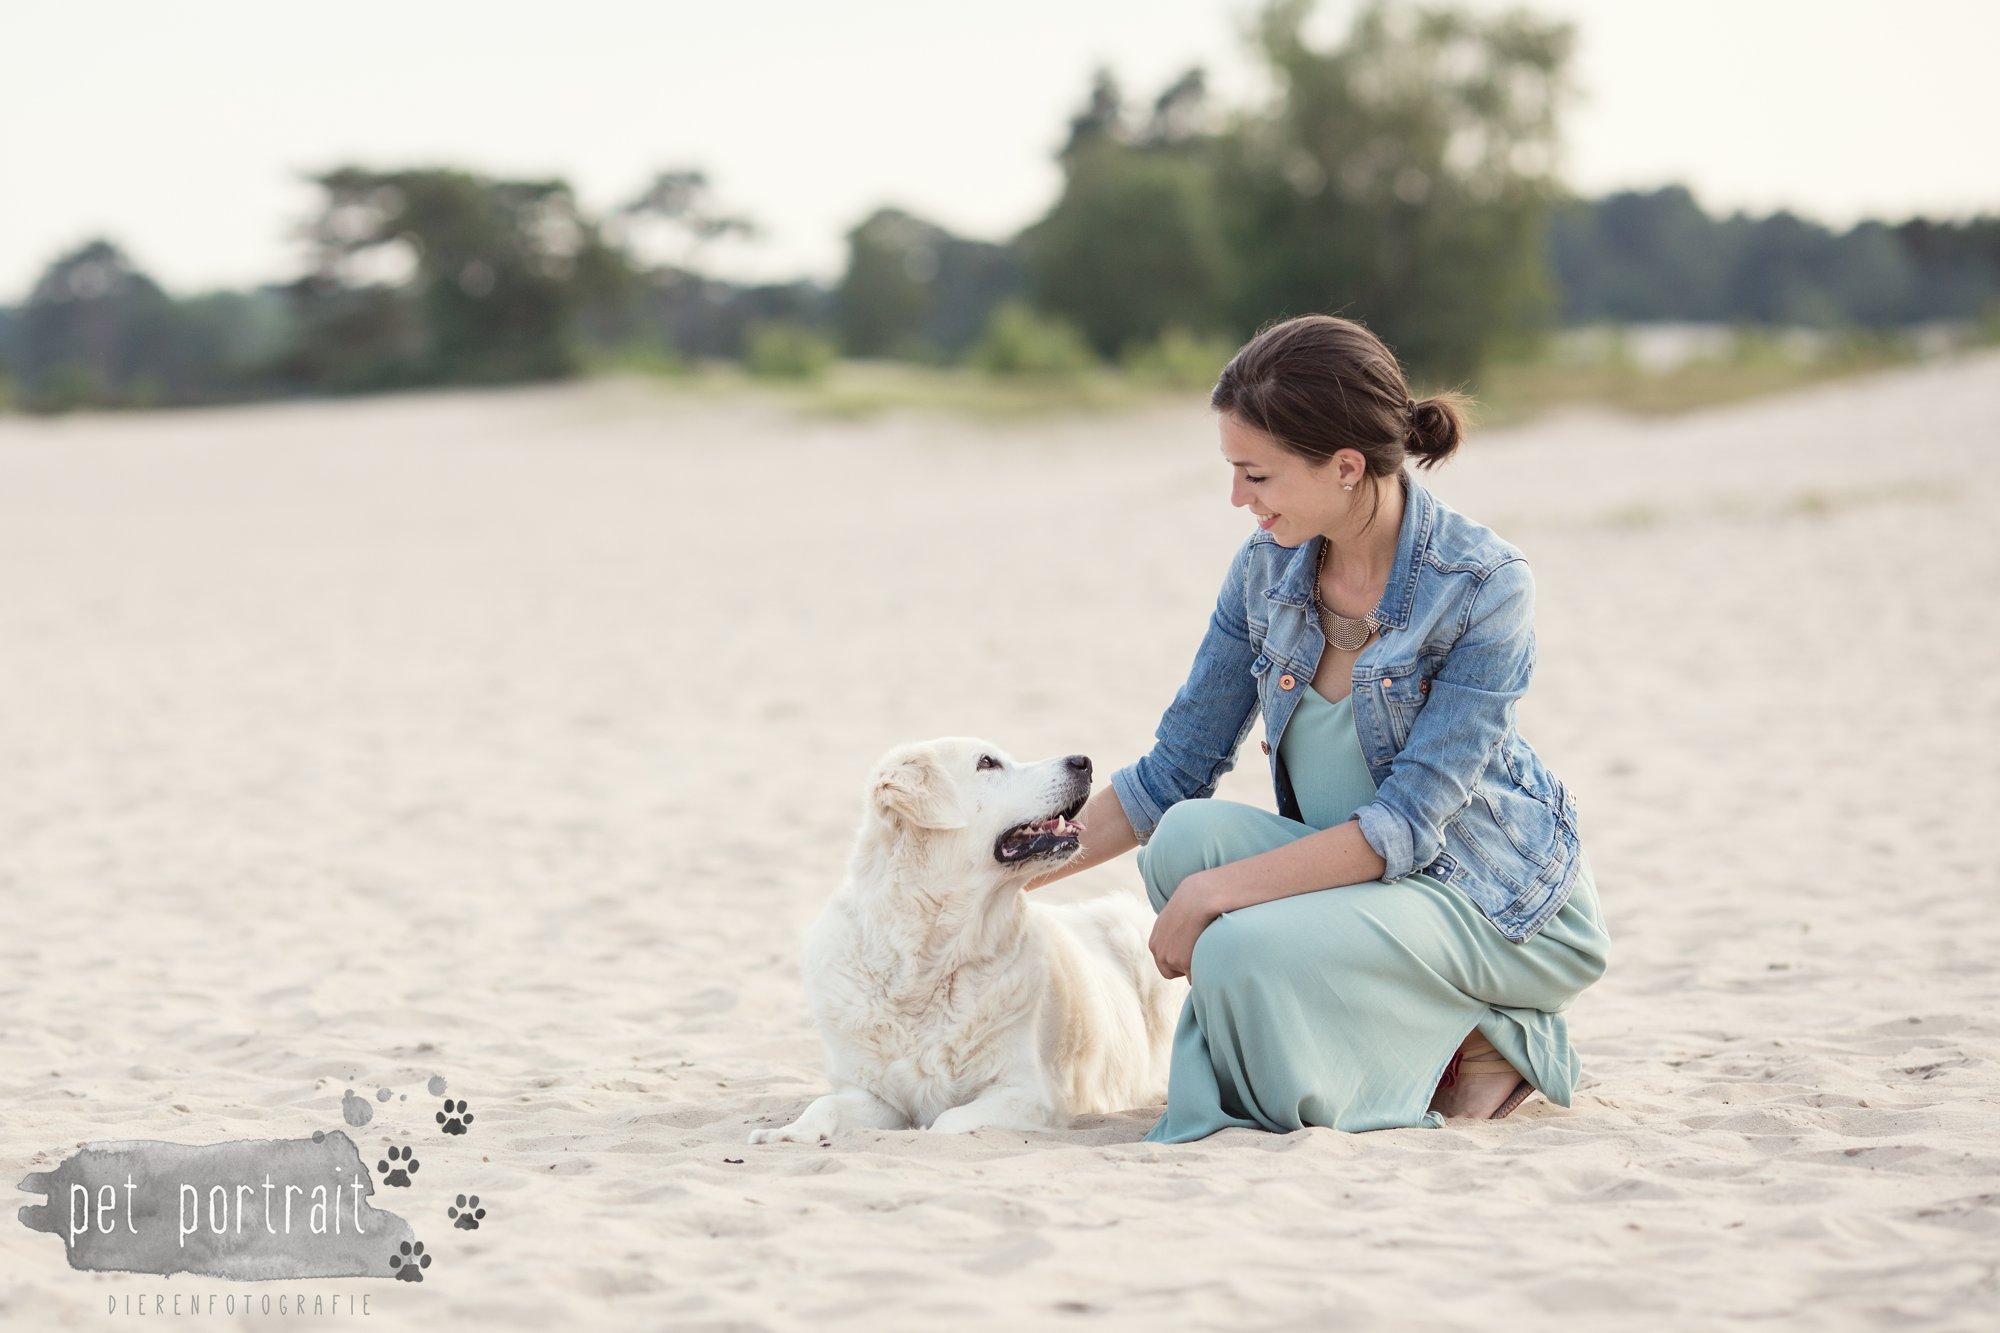 Hondenfotograaf Soest - Dier en Baasje fotoshoot in de Soesterduinen-11